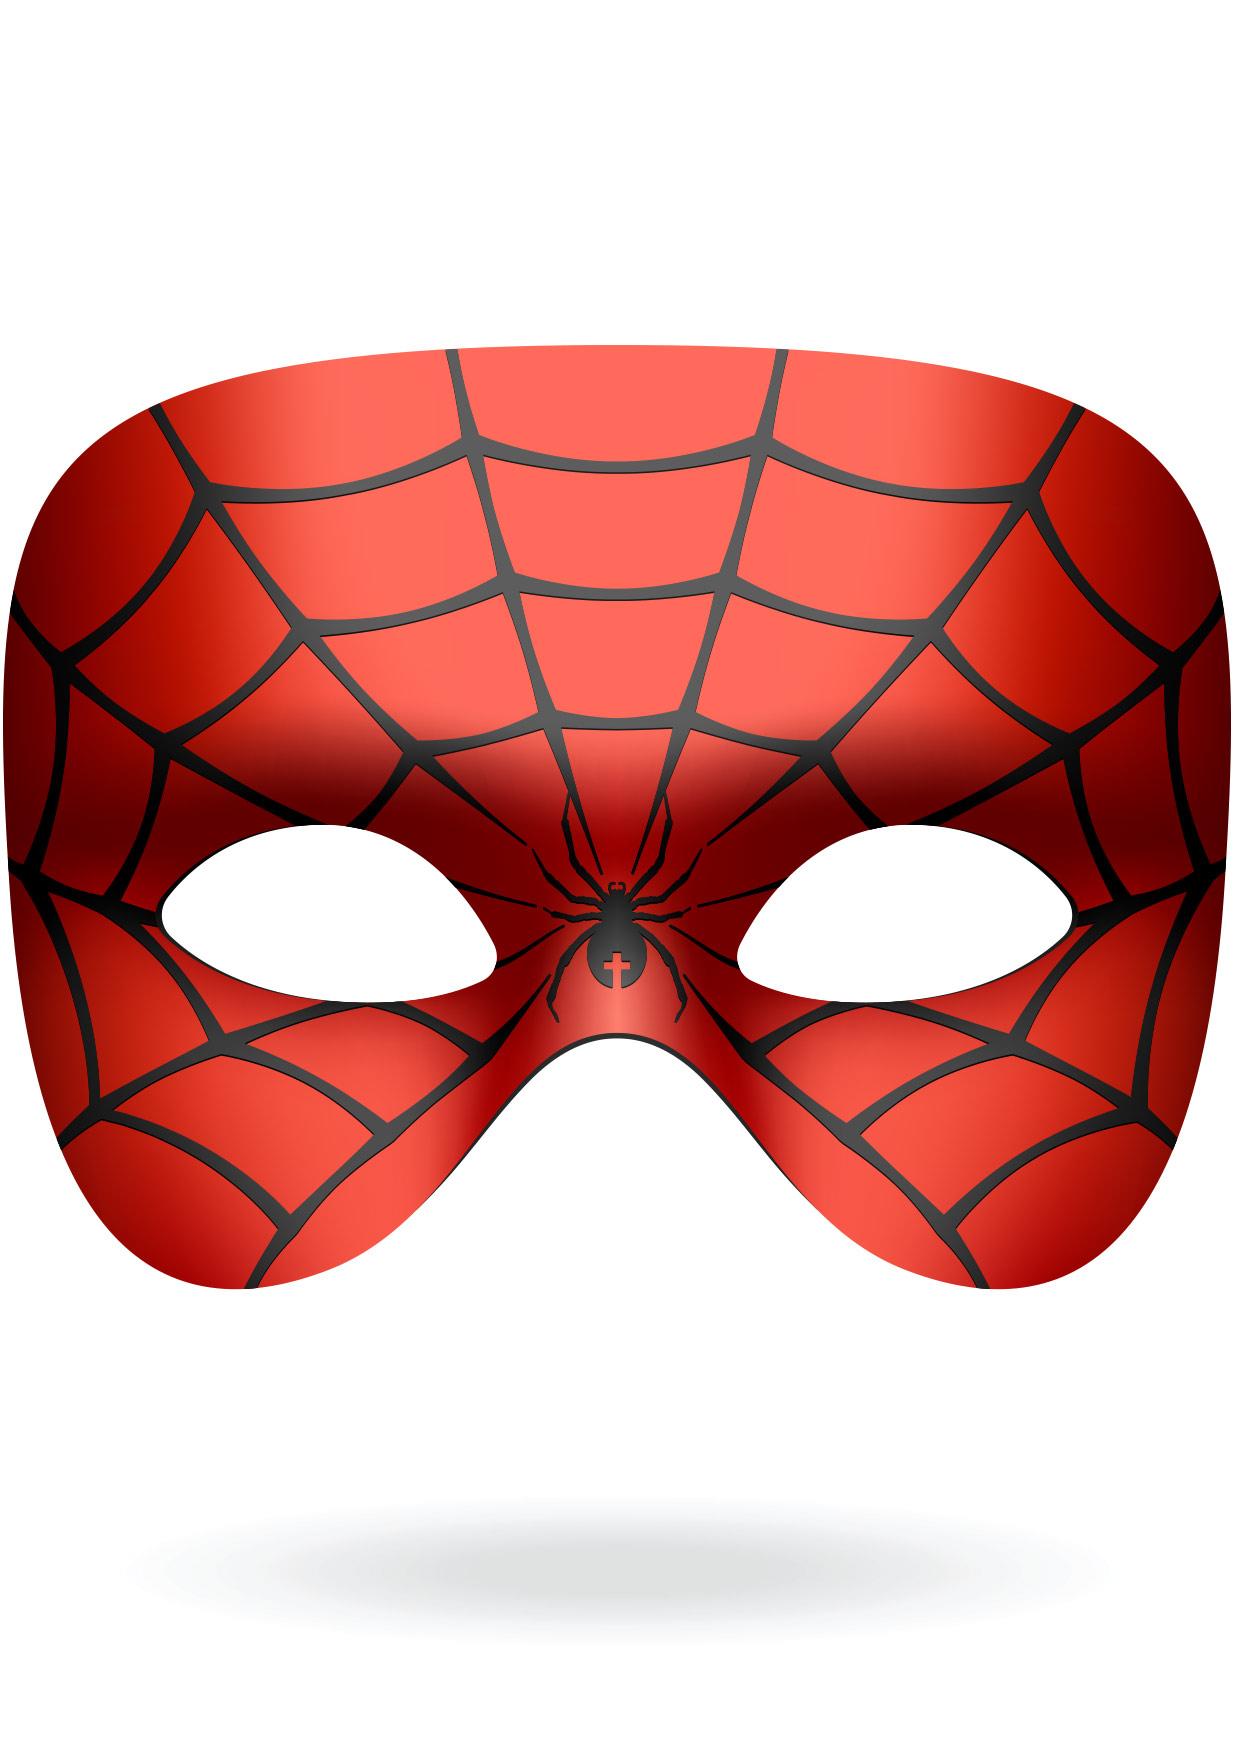 Masques À Découper - Mes Activités - Gulli concernant Masque Spiderman A Imprimer